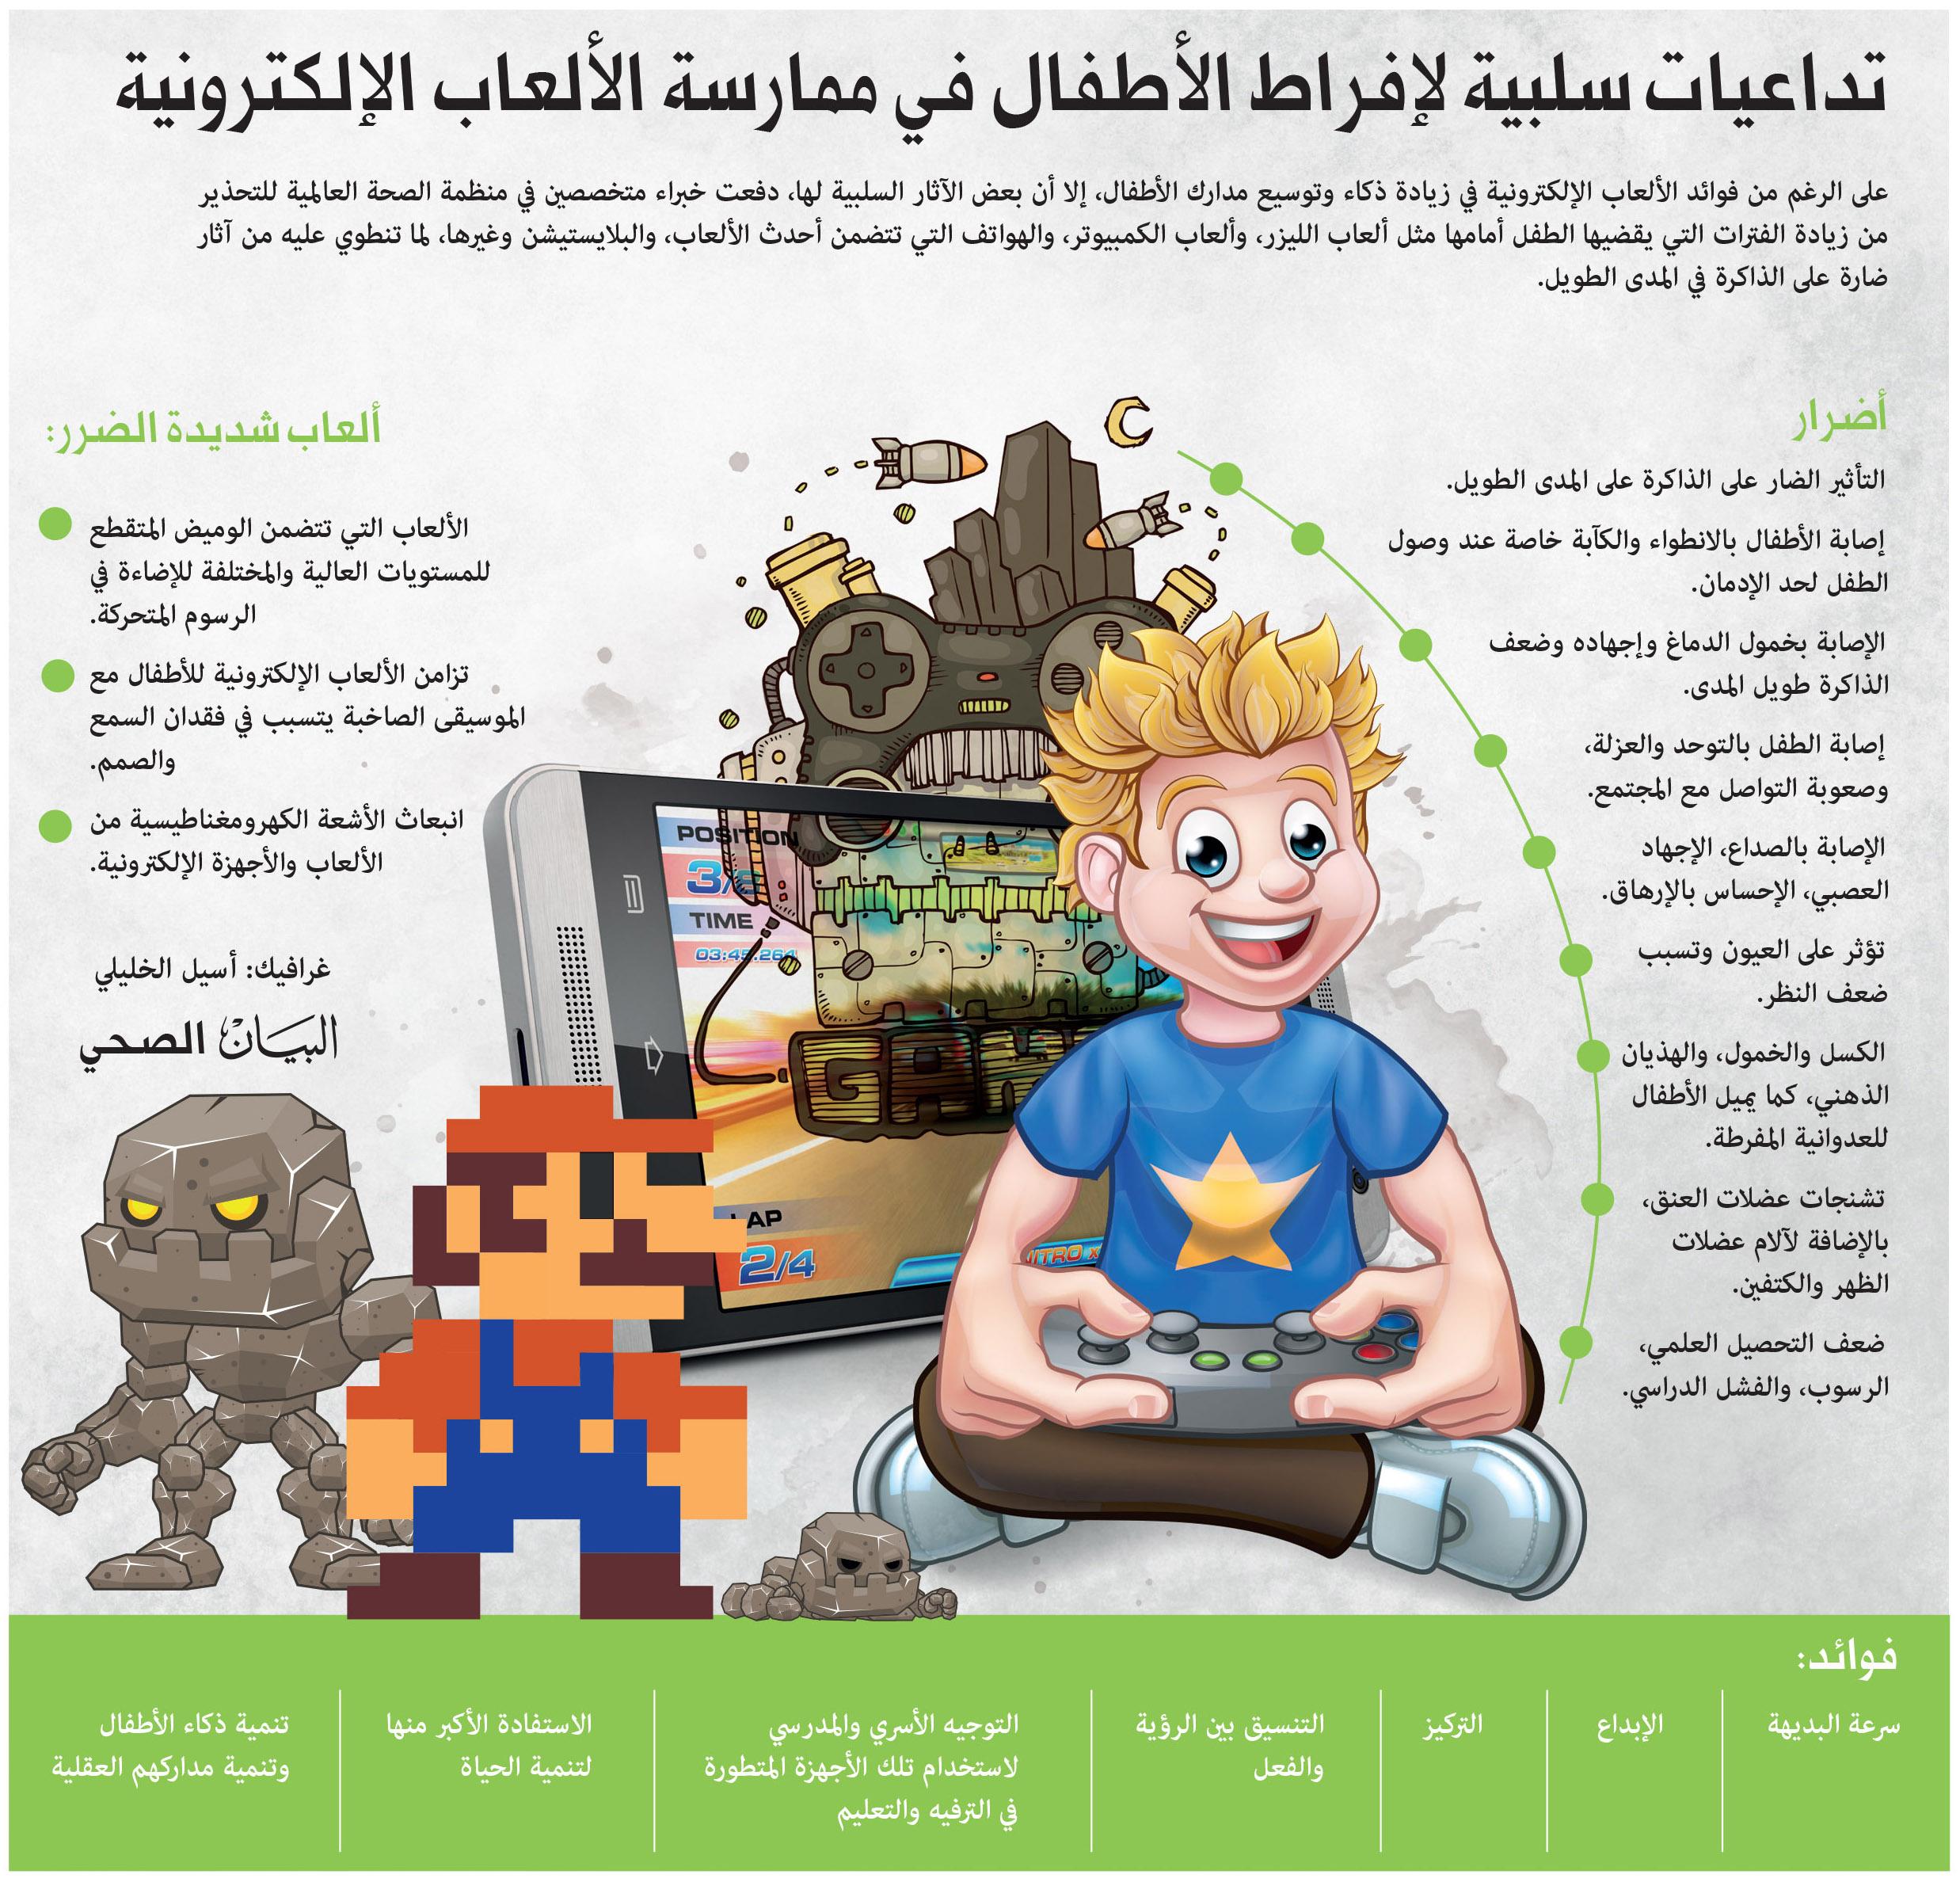 كتاب الالعاب الالكترونية pdf